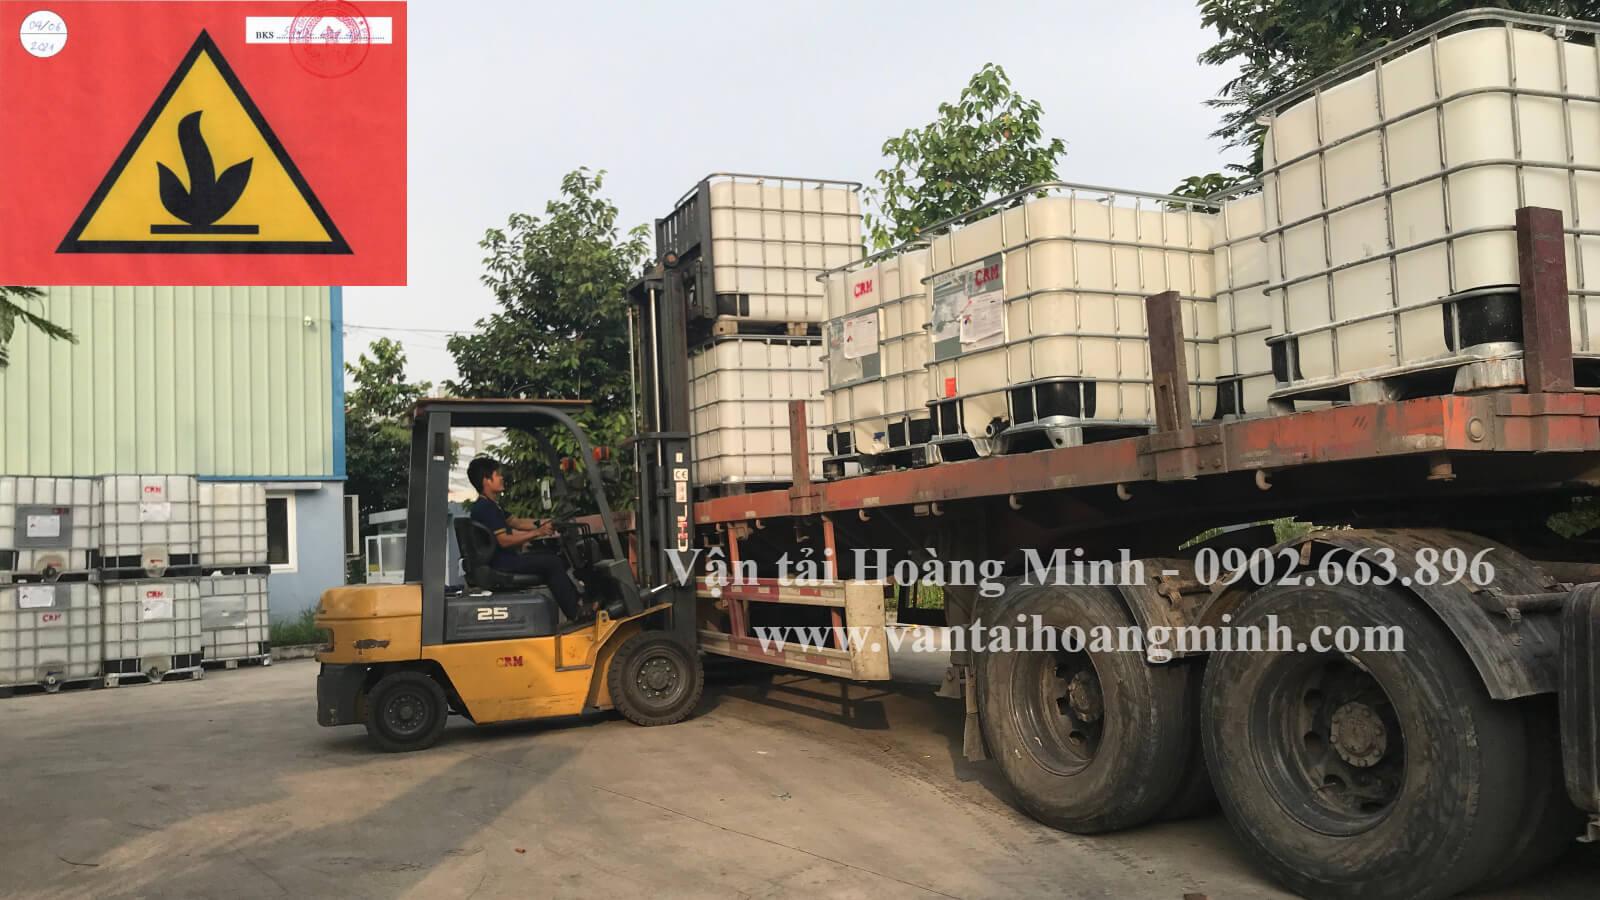 vận chuyển hoá chất hàng nguy hiểm bằng xe tải